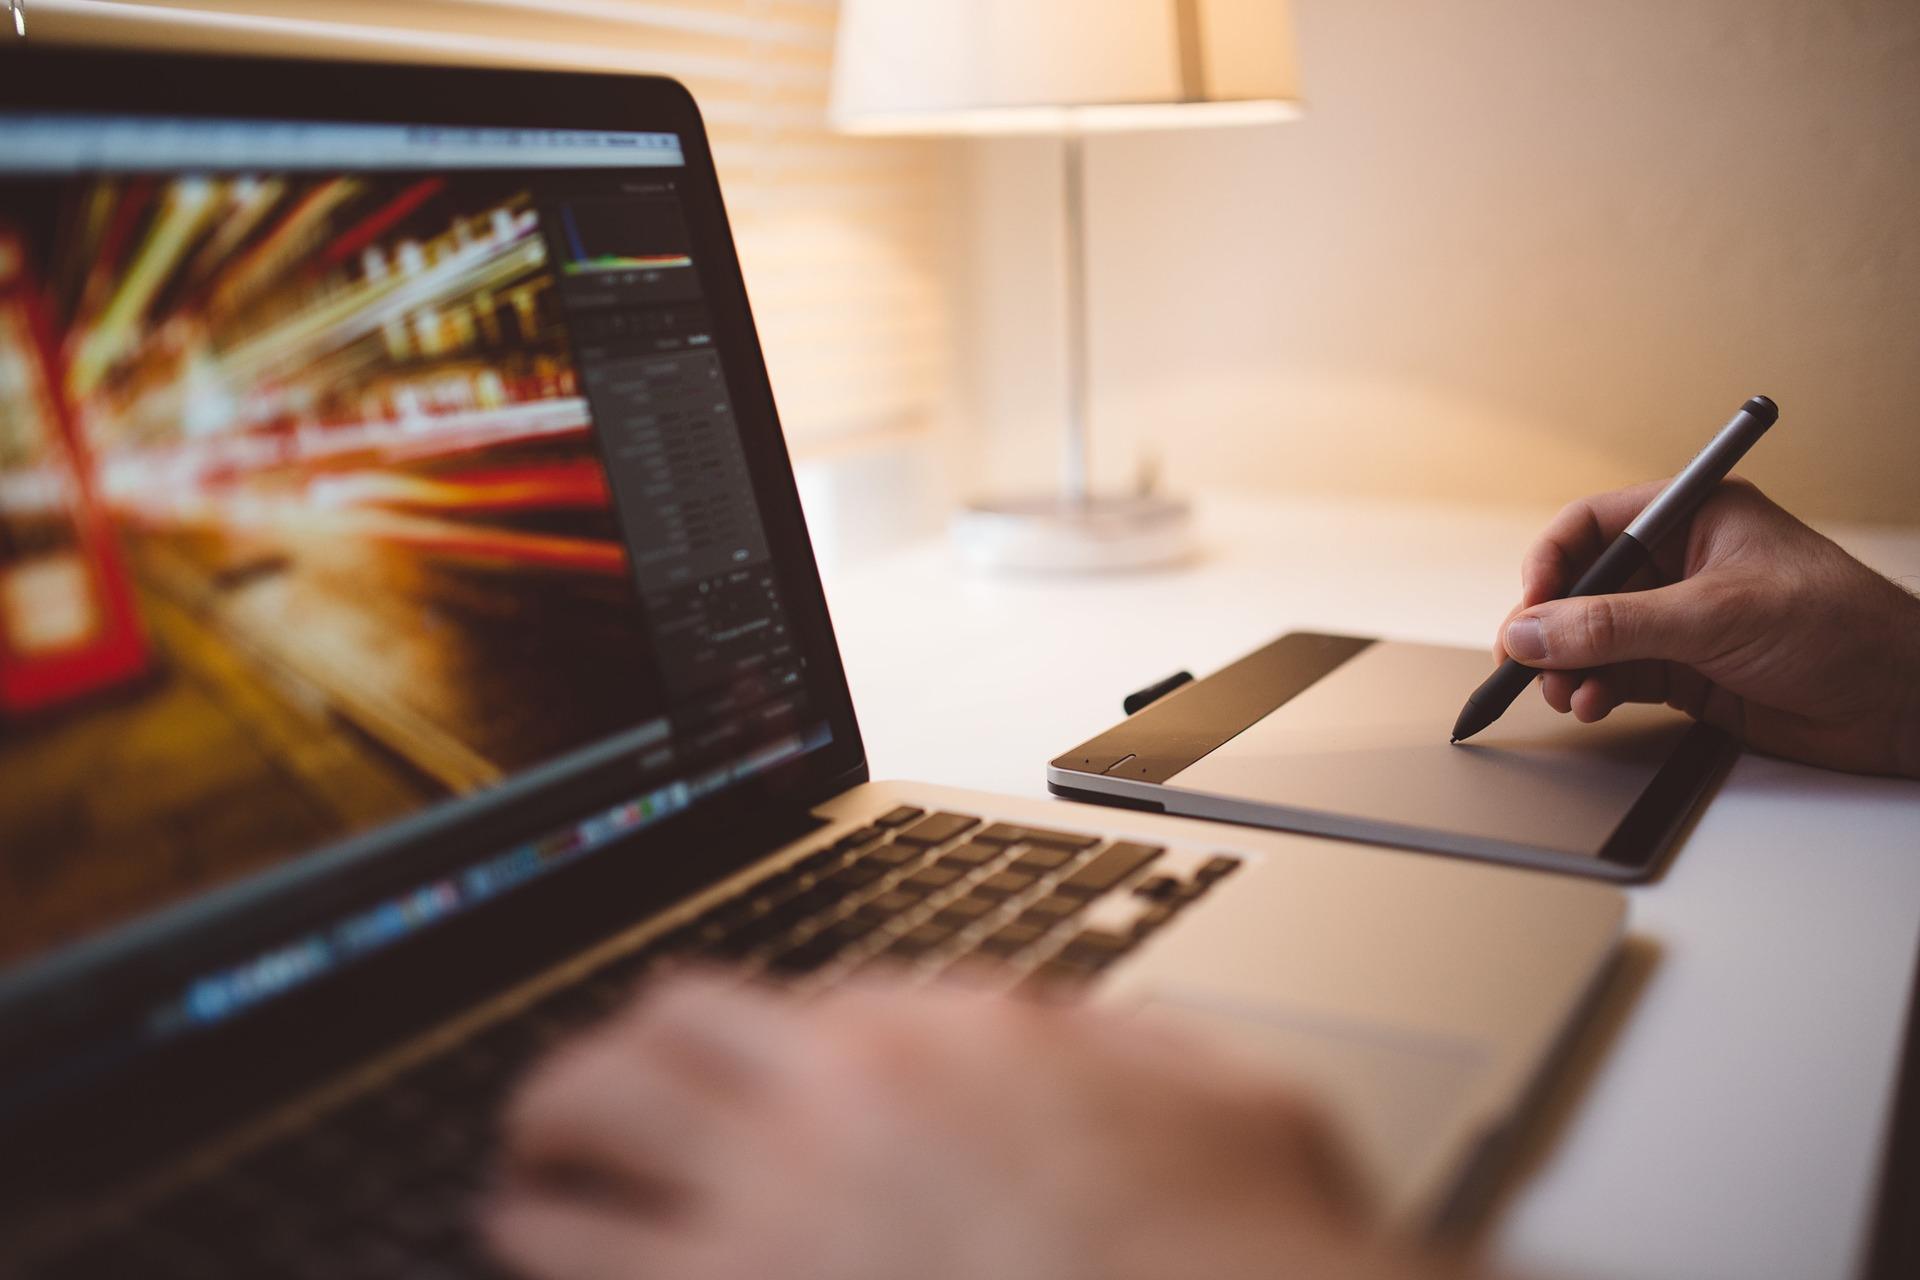 Lättare lärande med digitala läromedel | Biztrends